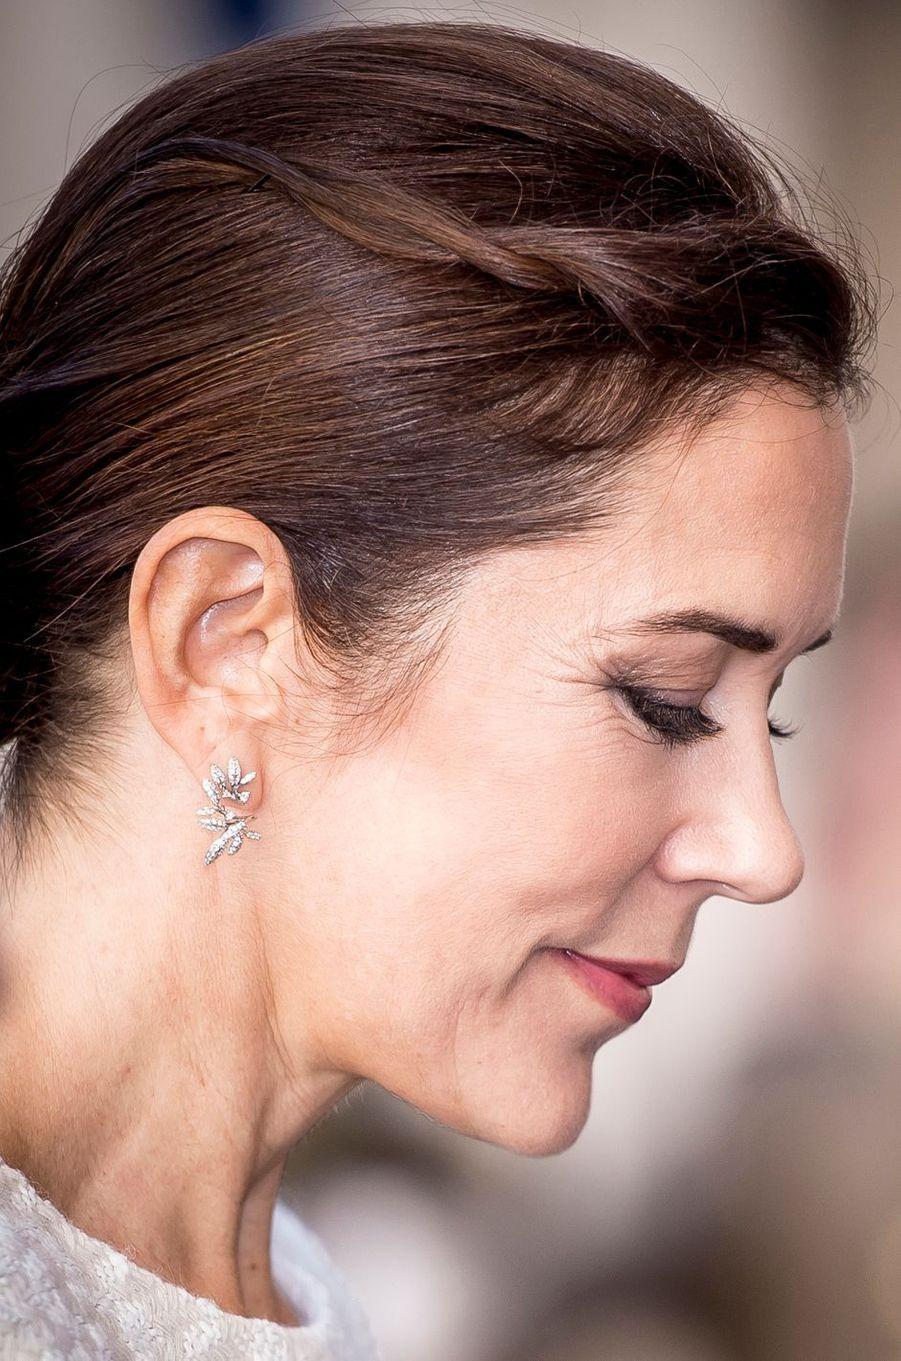 Les boucles d'oreille de la princesse Mary de Danemark à Rome, le 6 novembre 2018